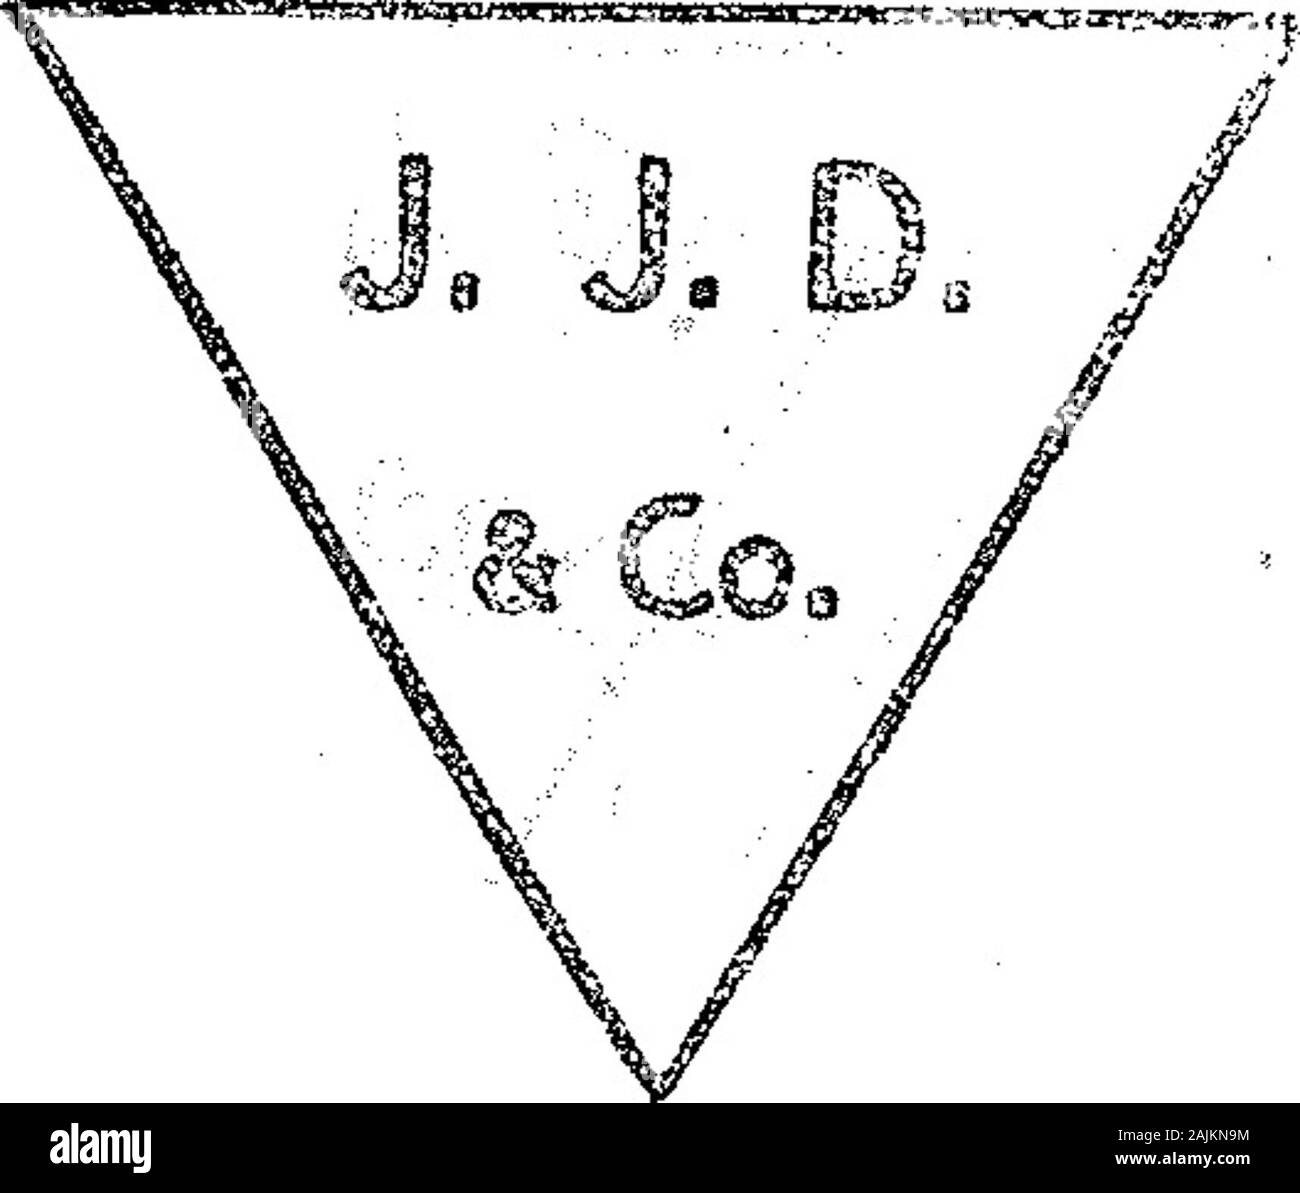 """Boletín Oficial de la República Argentina 1918 1ra sección . 22 de abril de 1918. -- Juan y JoséDrysefalcj y Cía. - Pará, distinguircaueño, goma guttapercha en bruto yen toda forma de preparación y ai-tíc!i!os fabricados con esa substancia,no ortopédicos, de cirujia o electricidad, clase 17. - Aviso Na 721. v-30 abril ele Acia Na 6173-1. 22/Abril de 1918. -- Juan y JoséDrysdaíe, y .Cía. - Pará, gorna gutíapercha distinguircaueño. en bruto yen toda forma de preparación y ar-tículos fabricados con e.""""una substancia,noortopédicos, de cirajía o ecchi iclad,efe la clase 17. - Aviso N- 707. _ V-30 Abril Foto de stock"""